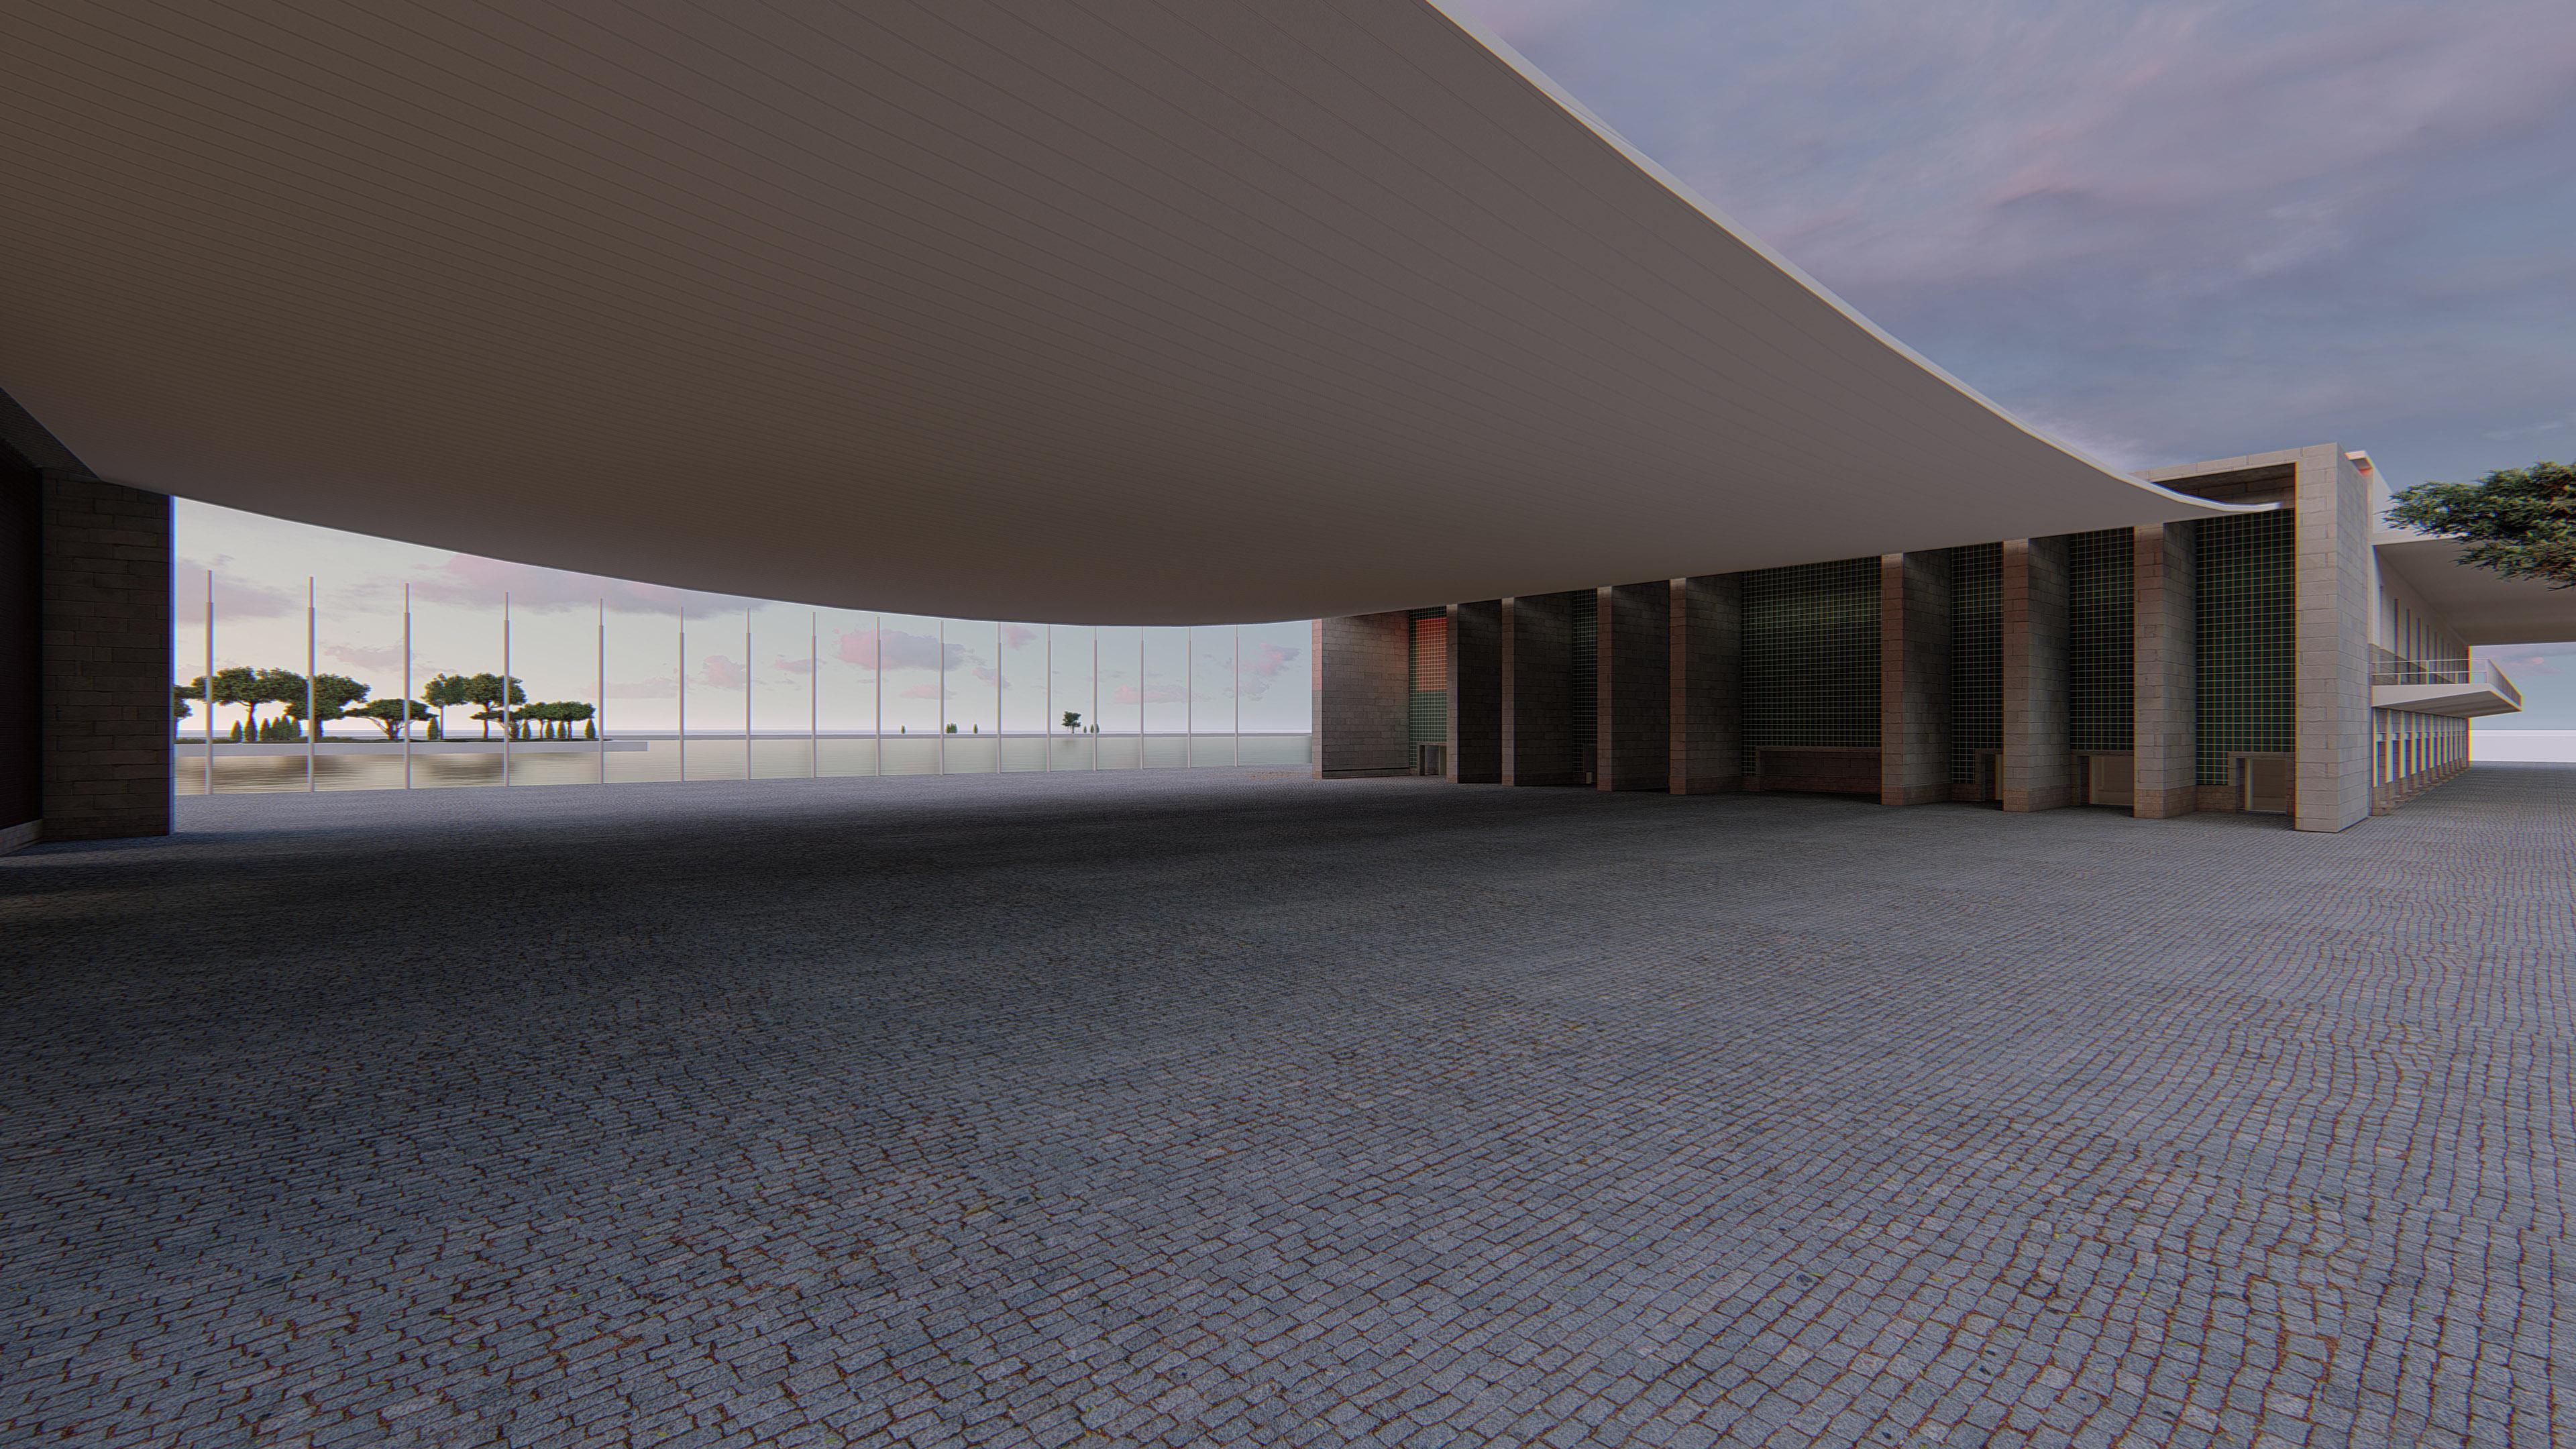 Architekturvisualisierung, 3D Animation, Architektur Renderings